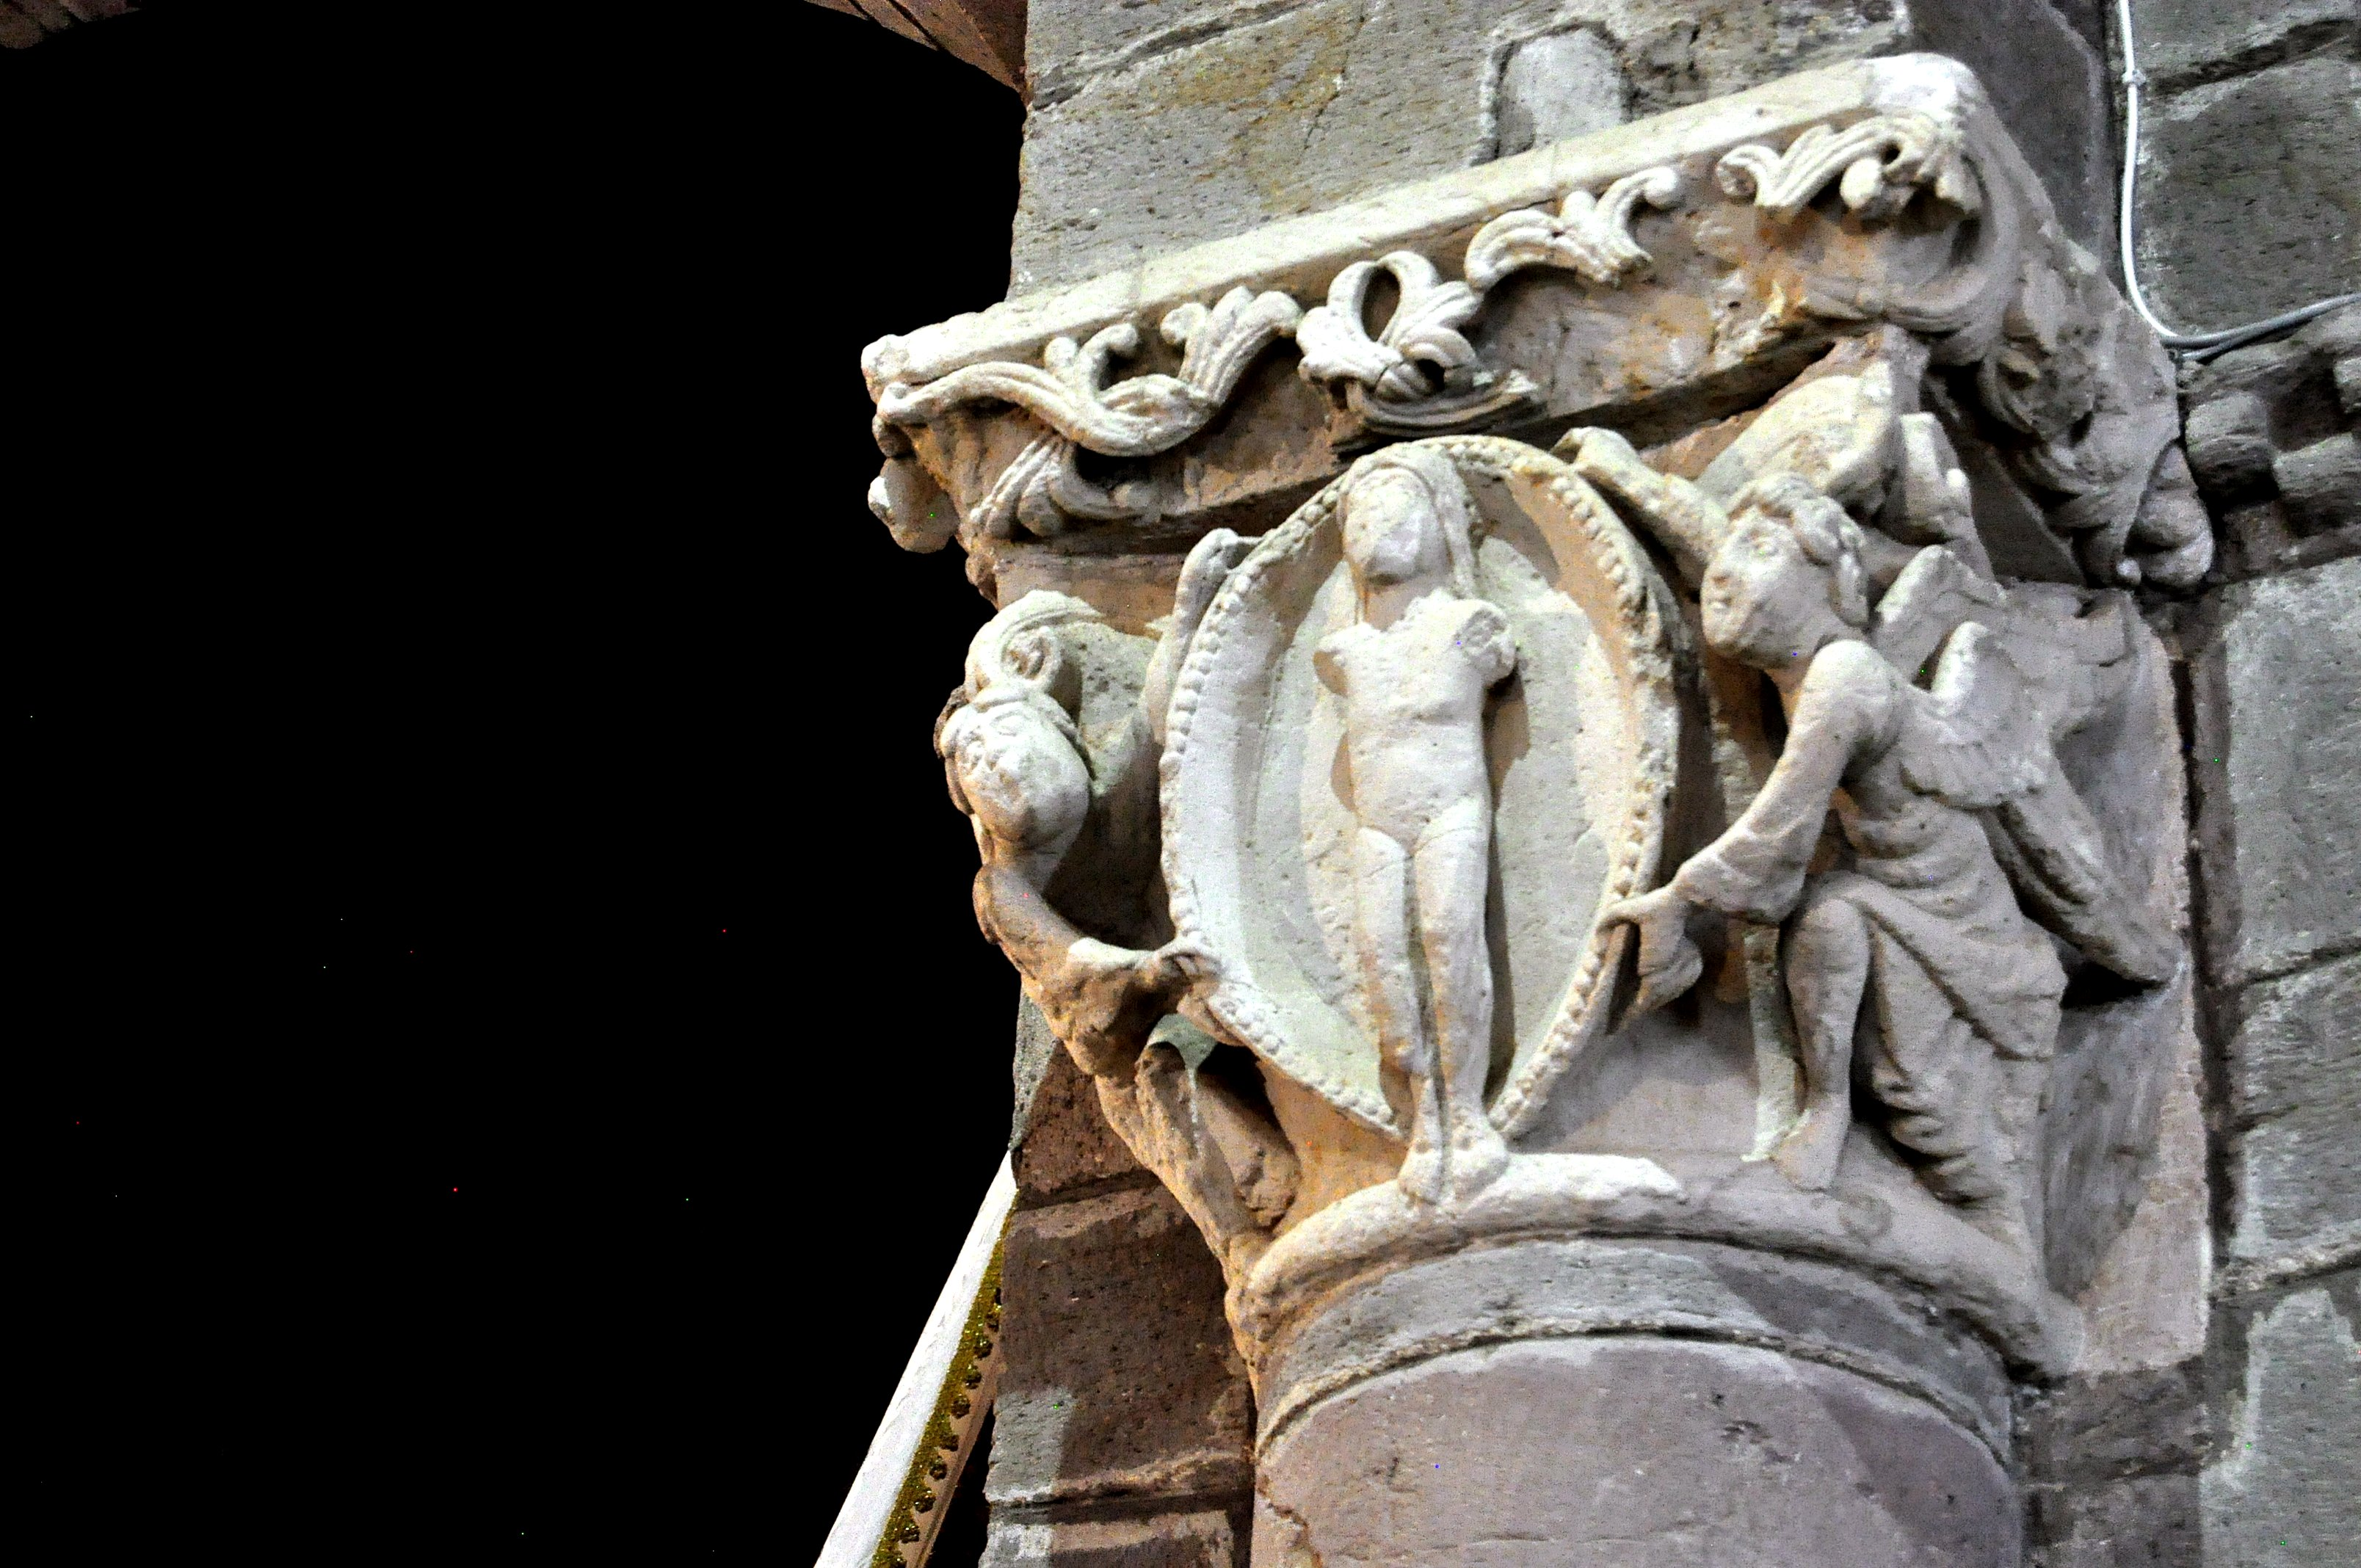 Jesucristo en una mandorla es portado por dos ángeles ¿Ascensión?